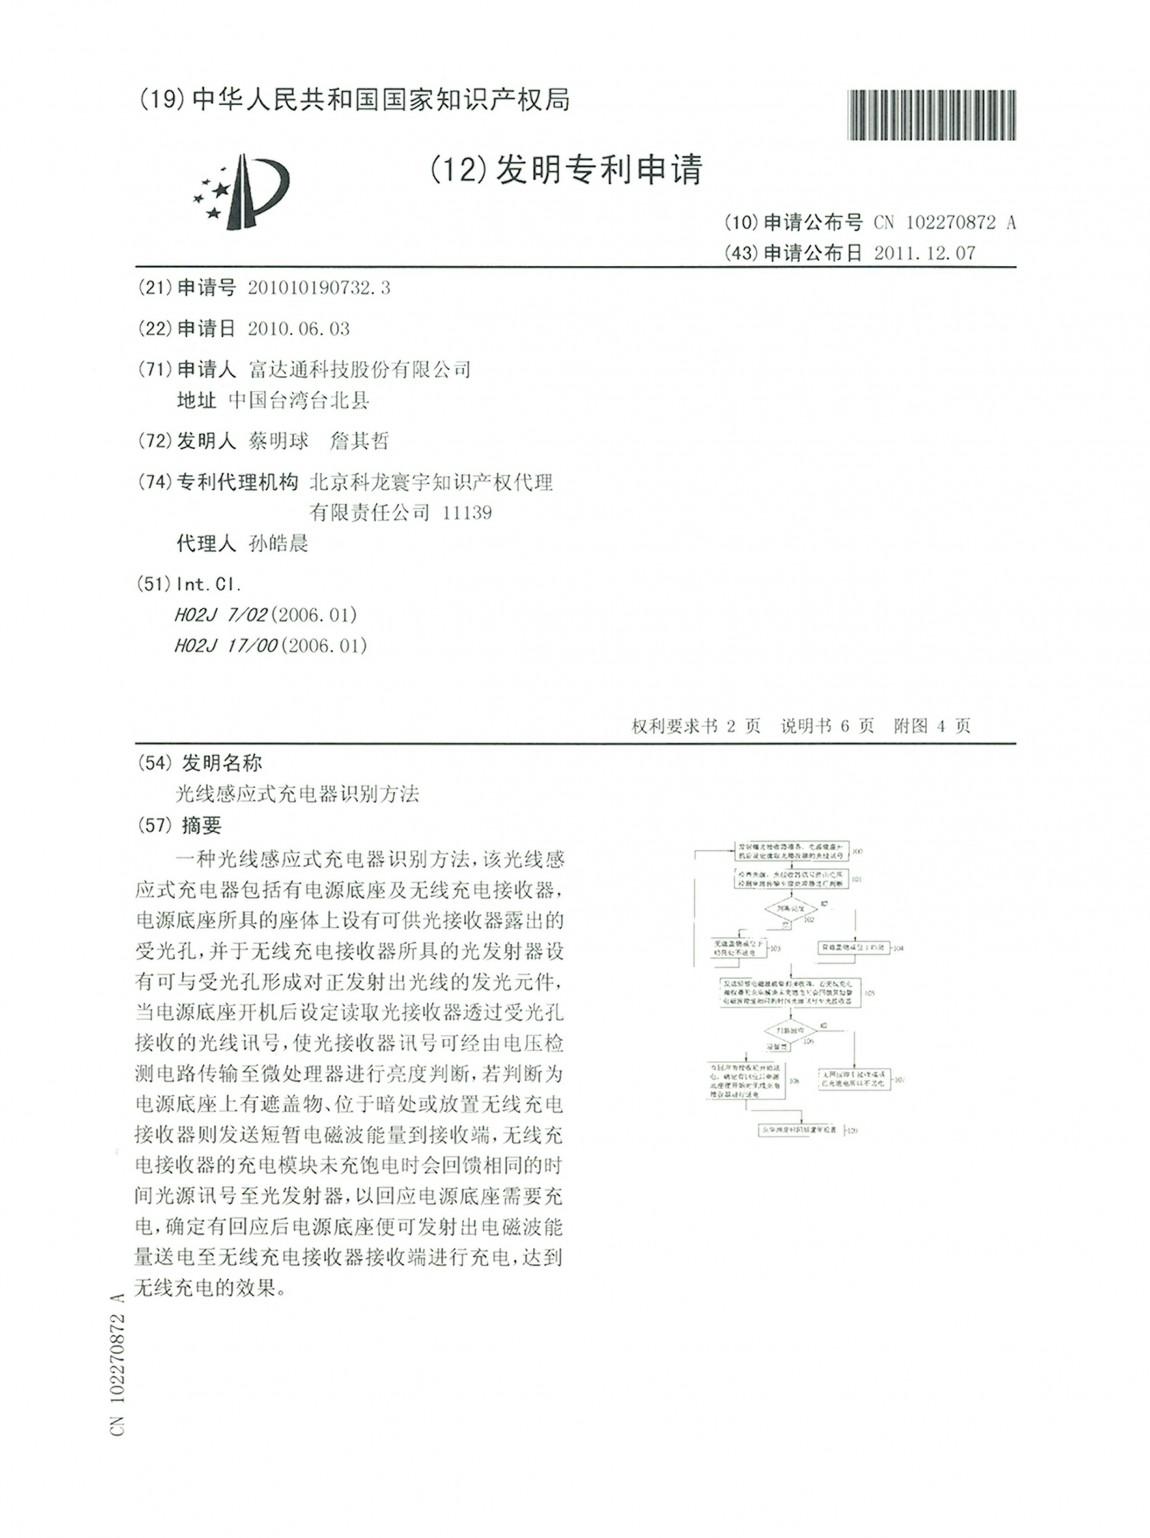 富達通專利03-光线感应式充电器识别方法(中國) CN2010101907323